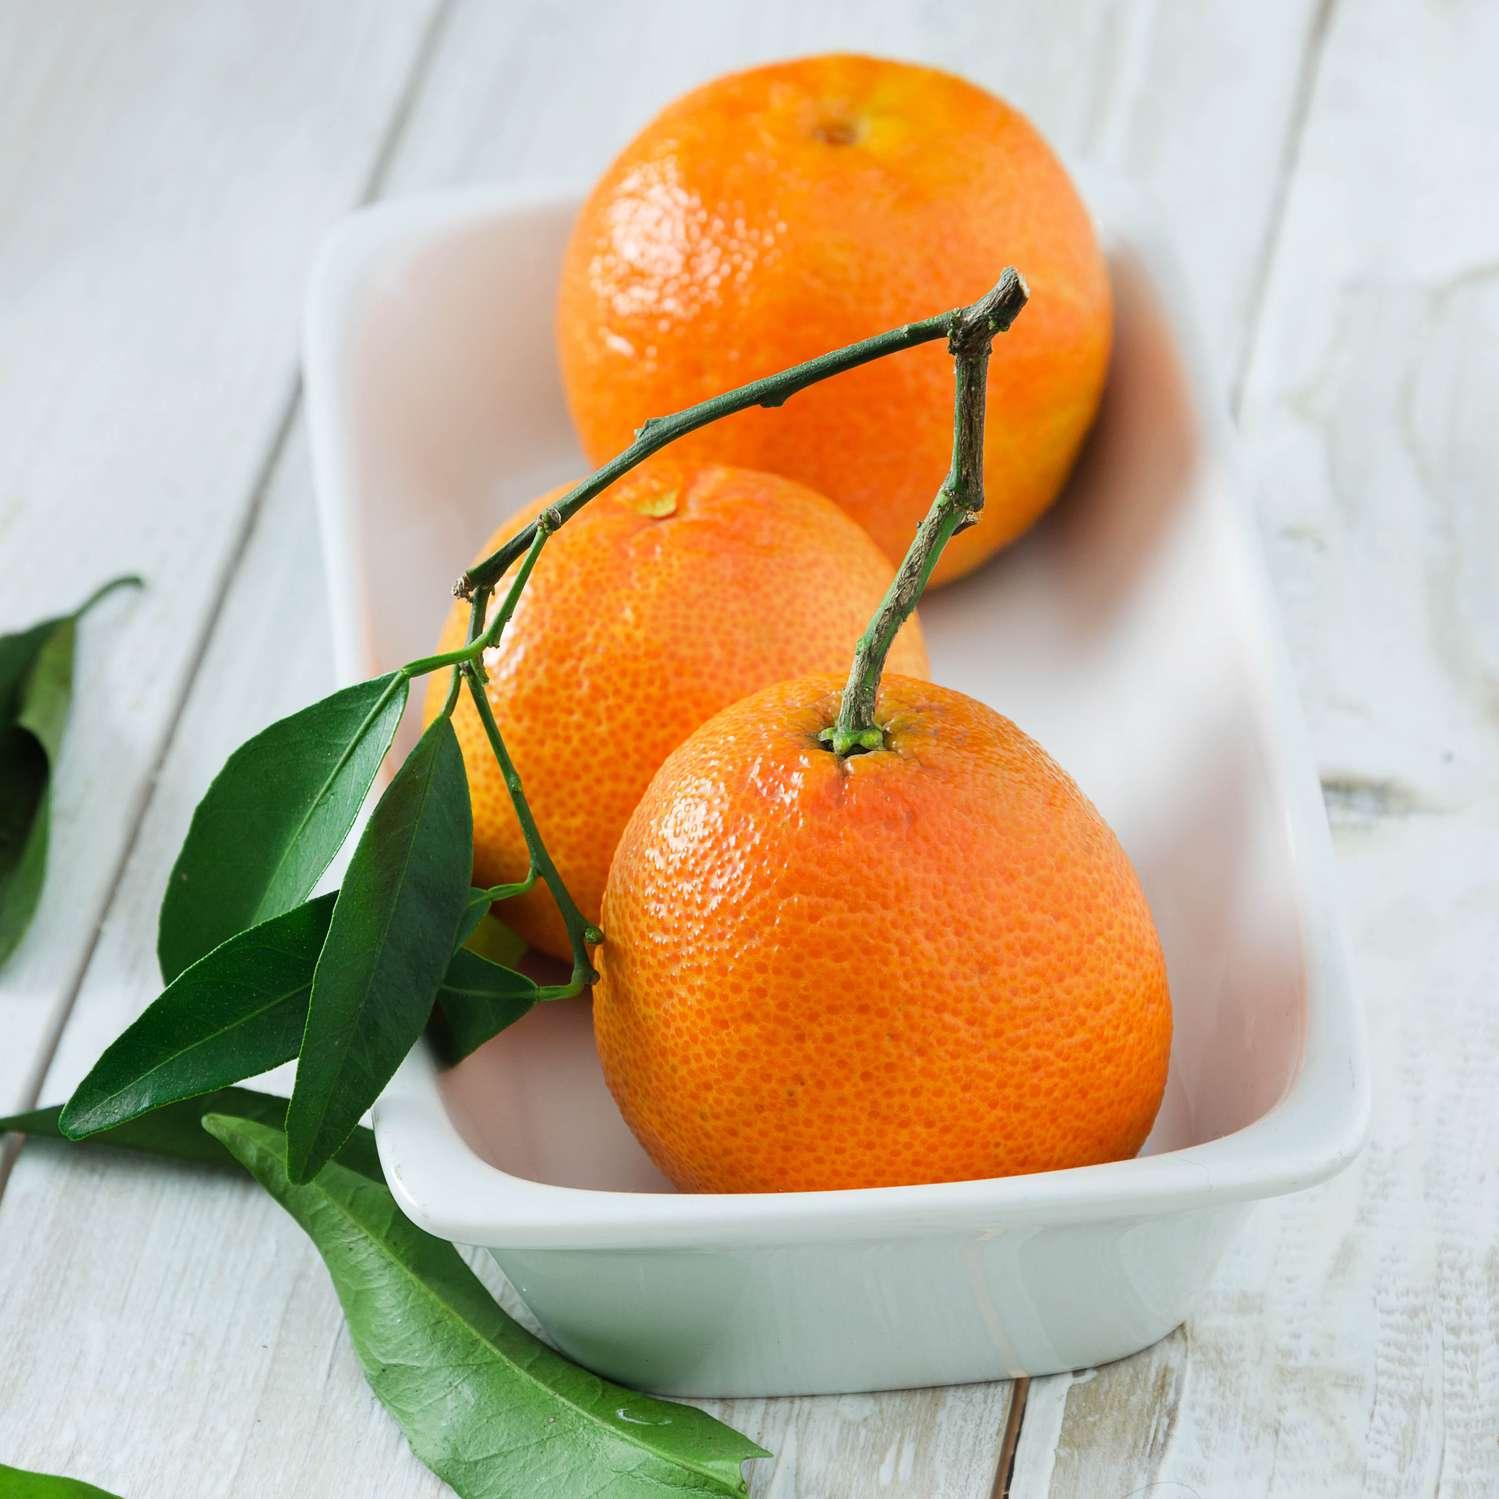 un tazón de naranjas frescas en una mesa blanca